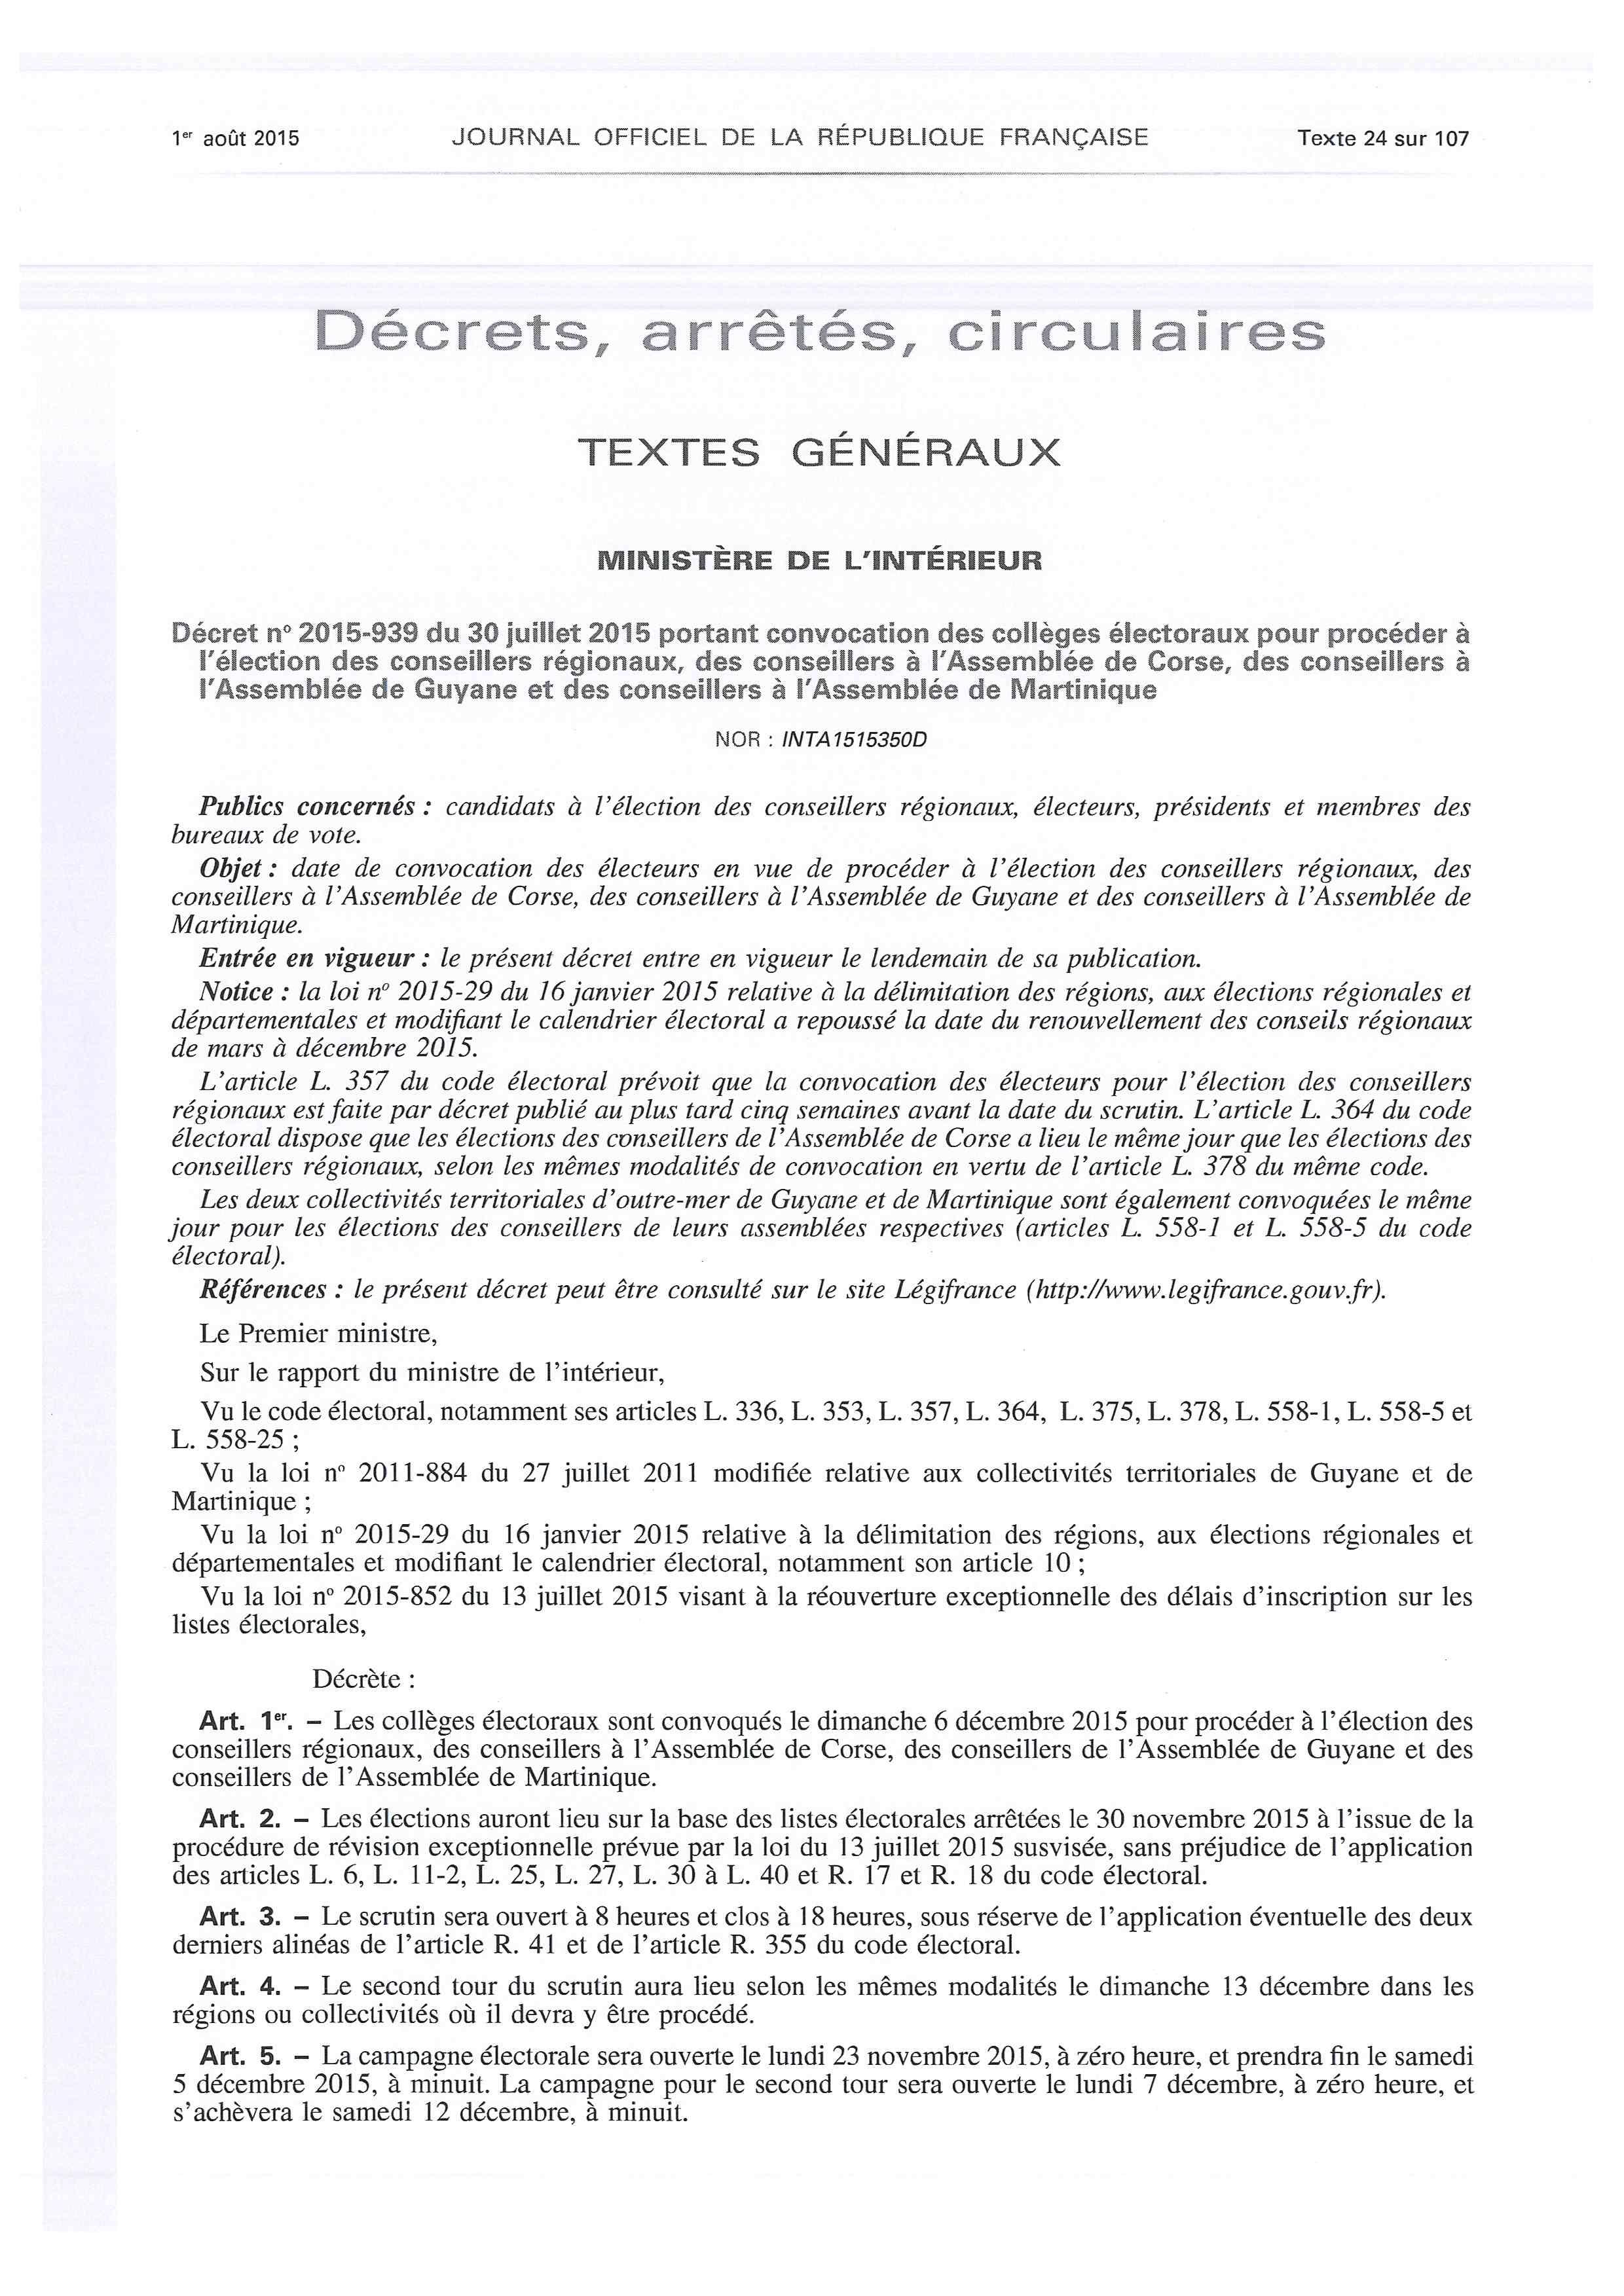 ELECTIONS REGIONALES 2015 Décret convocation électeur